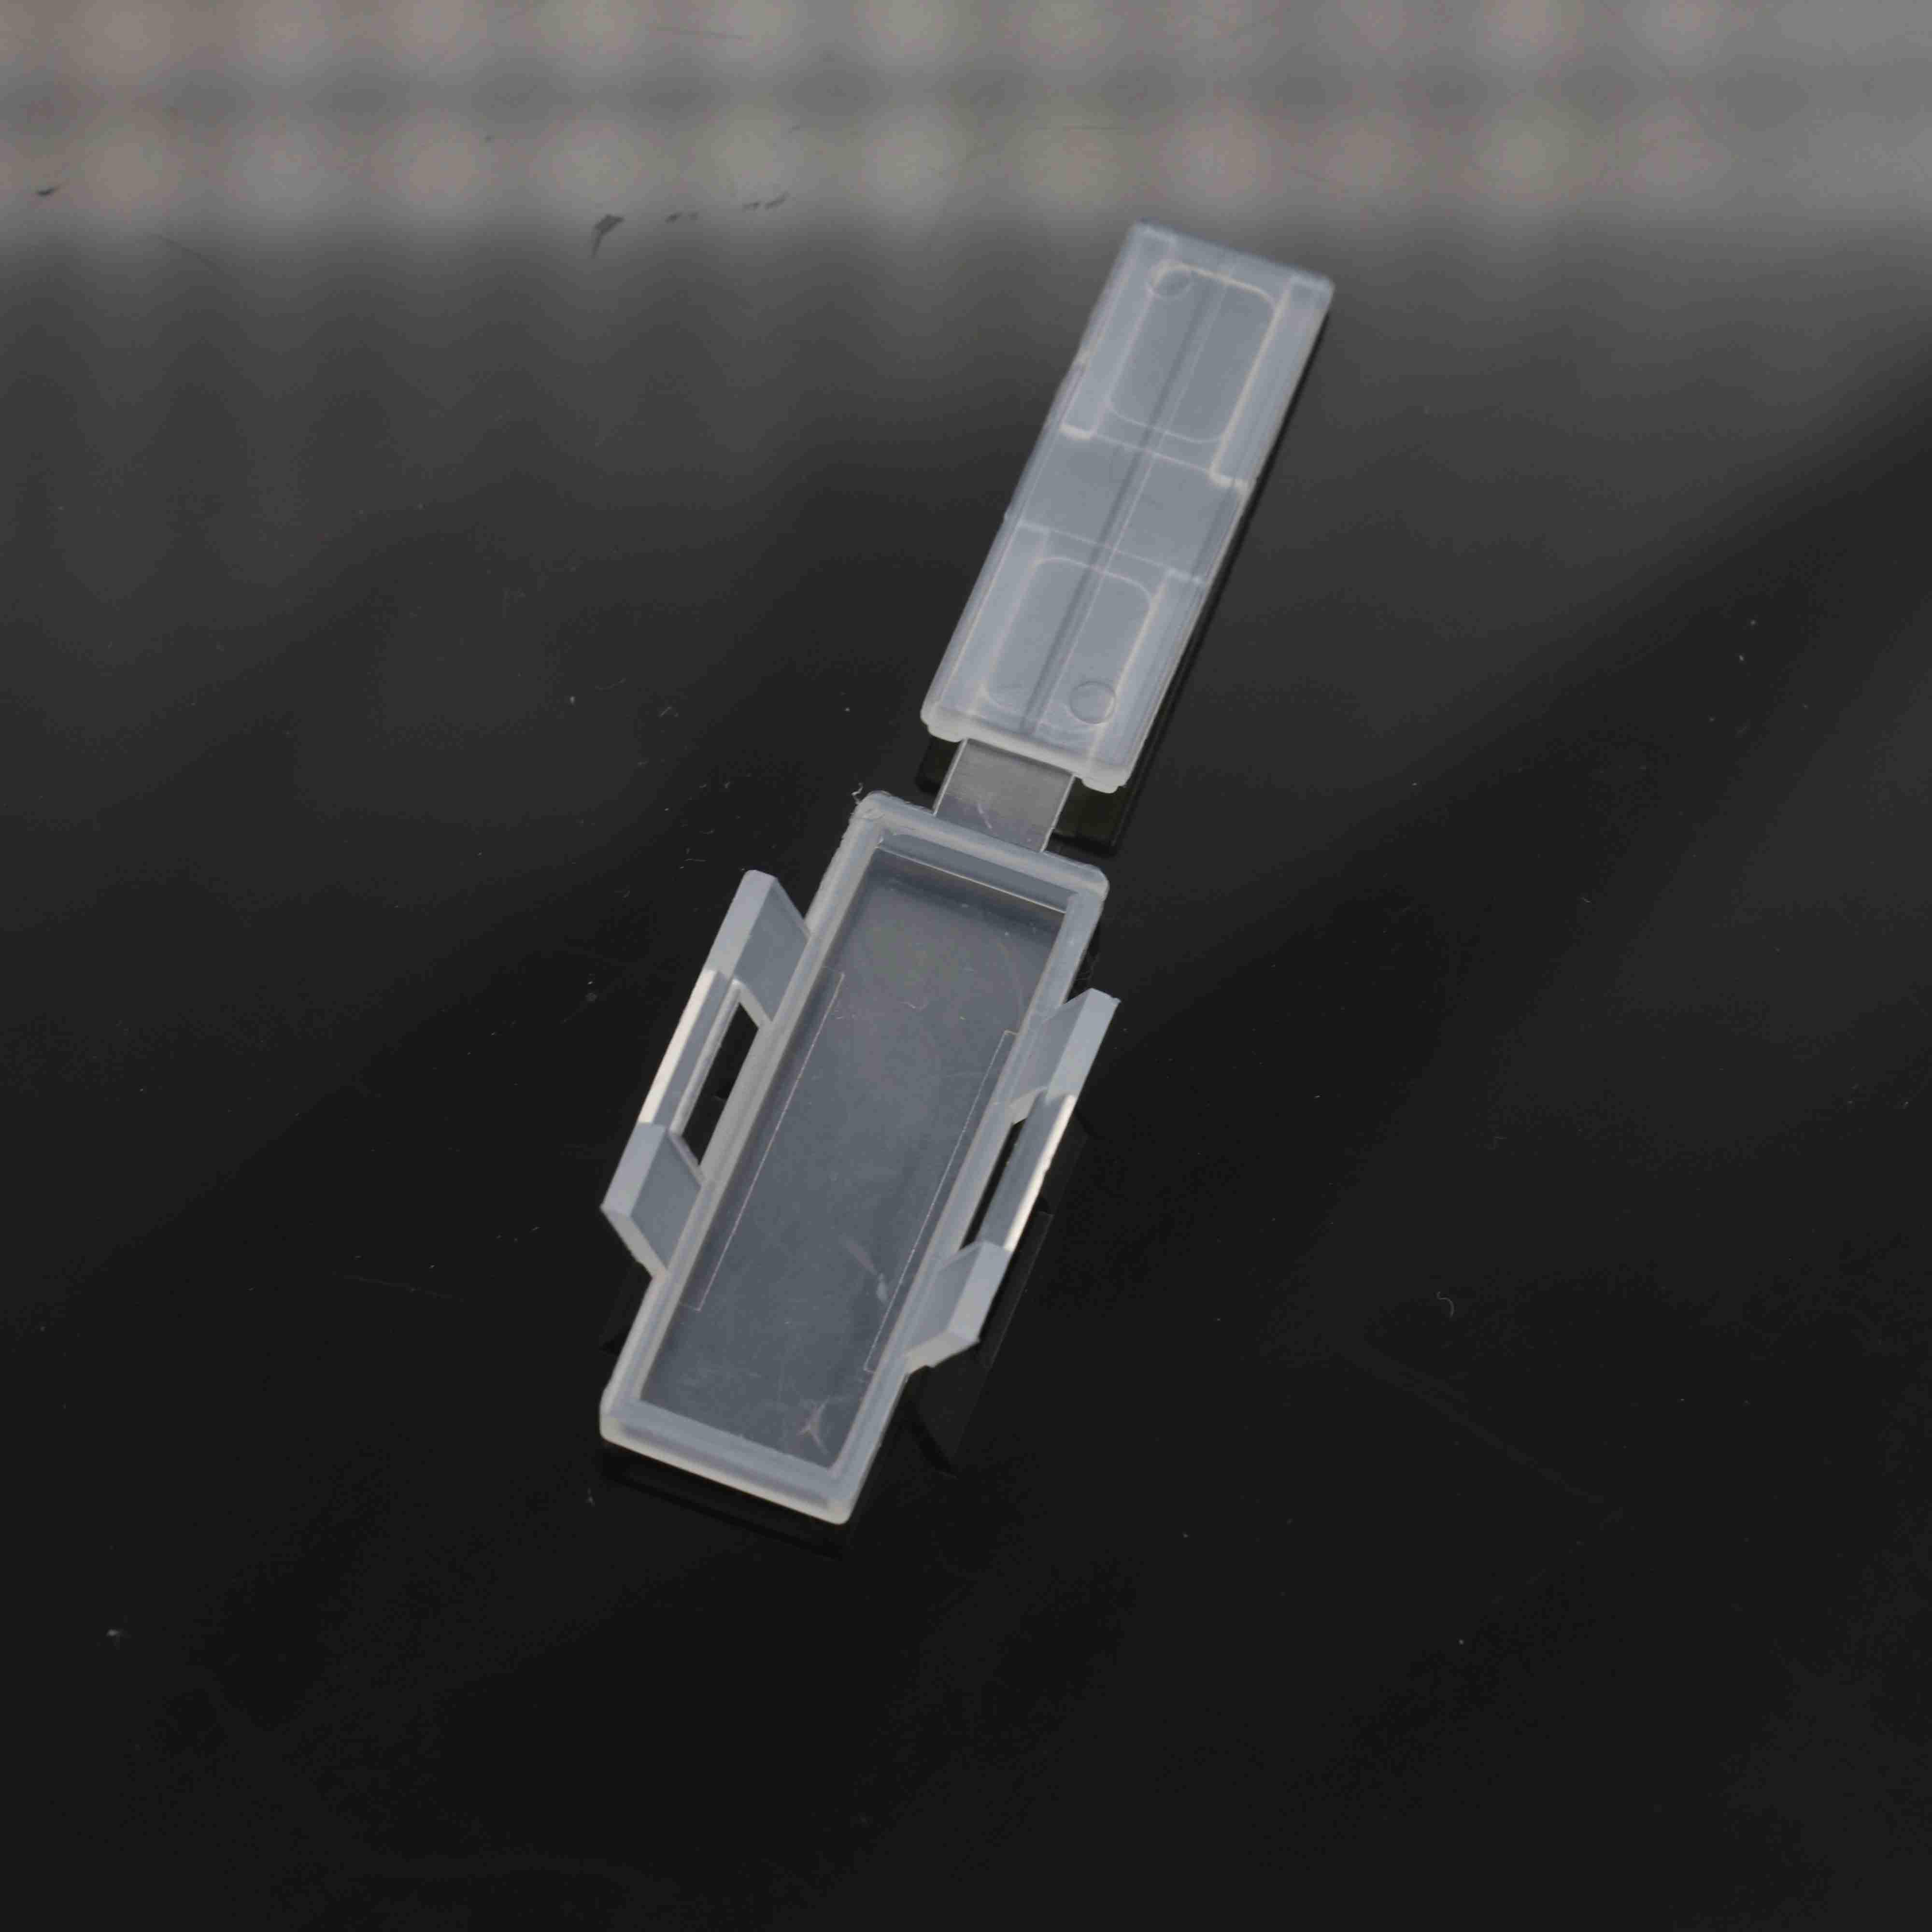 软塑料3010防水透明电线电缆标牌标志牌标识框扎带标示挂牌标签纸